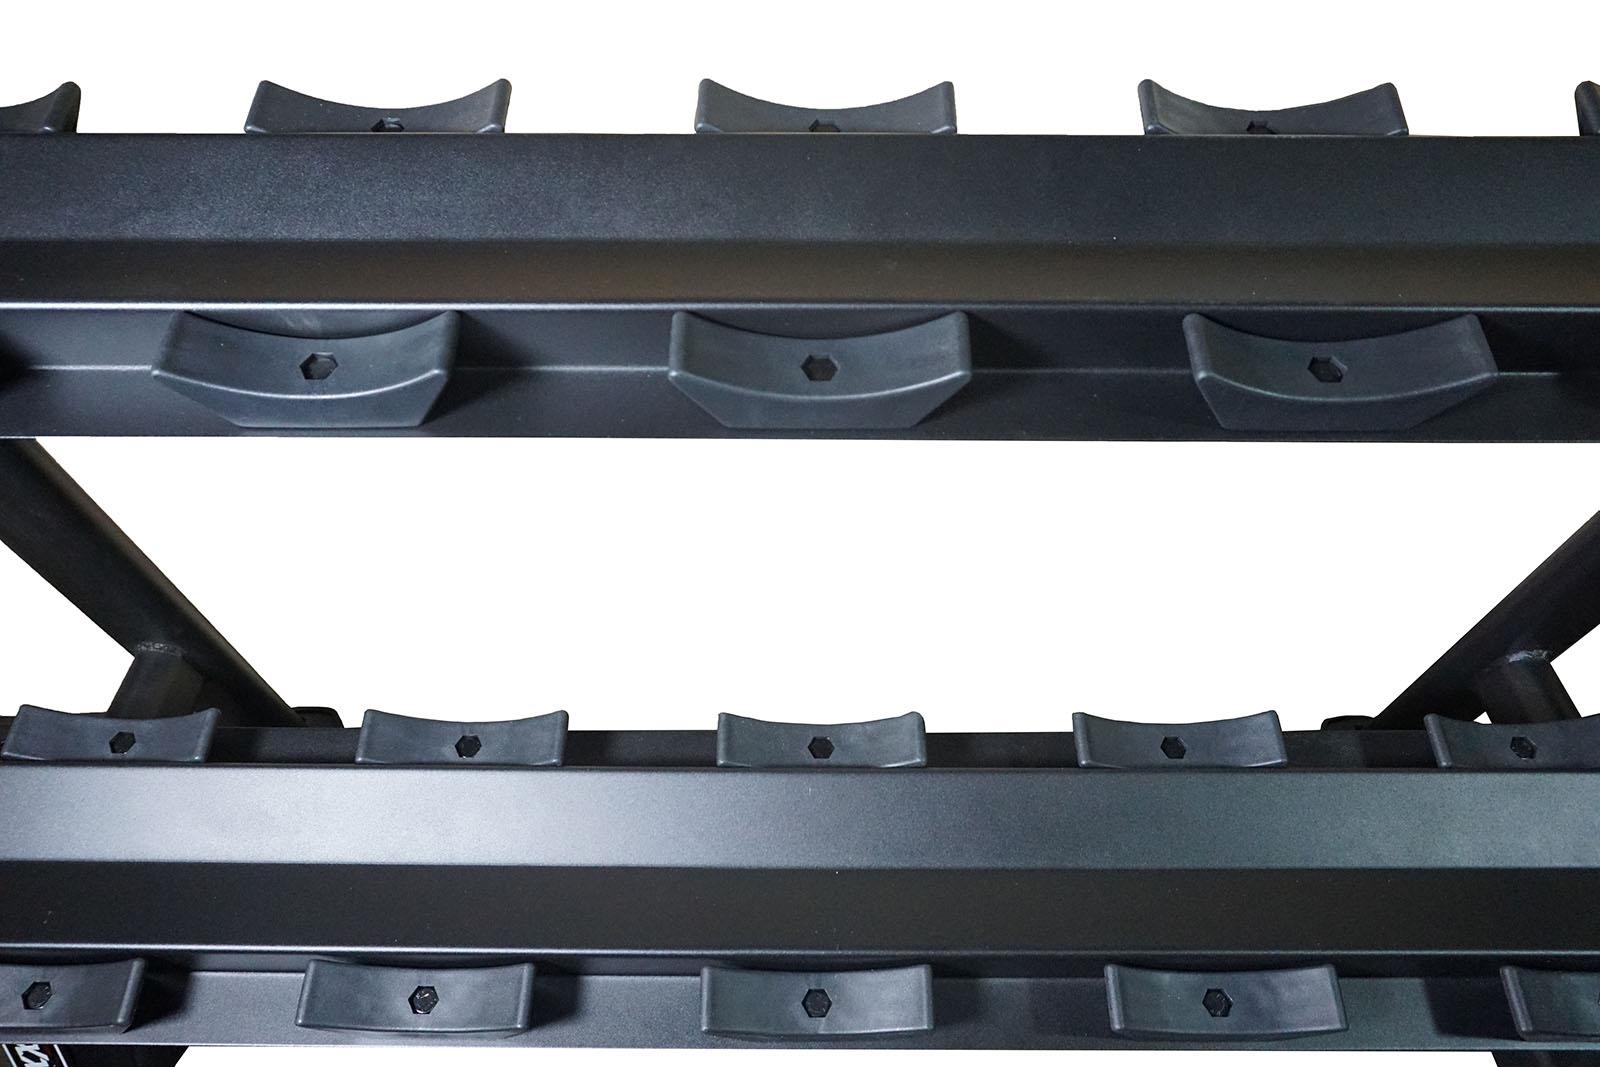 dumbbell rack extension